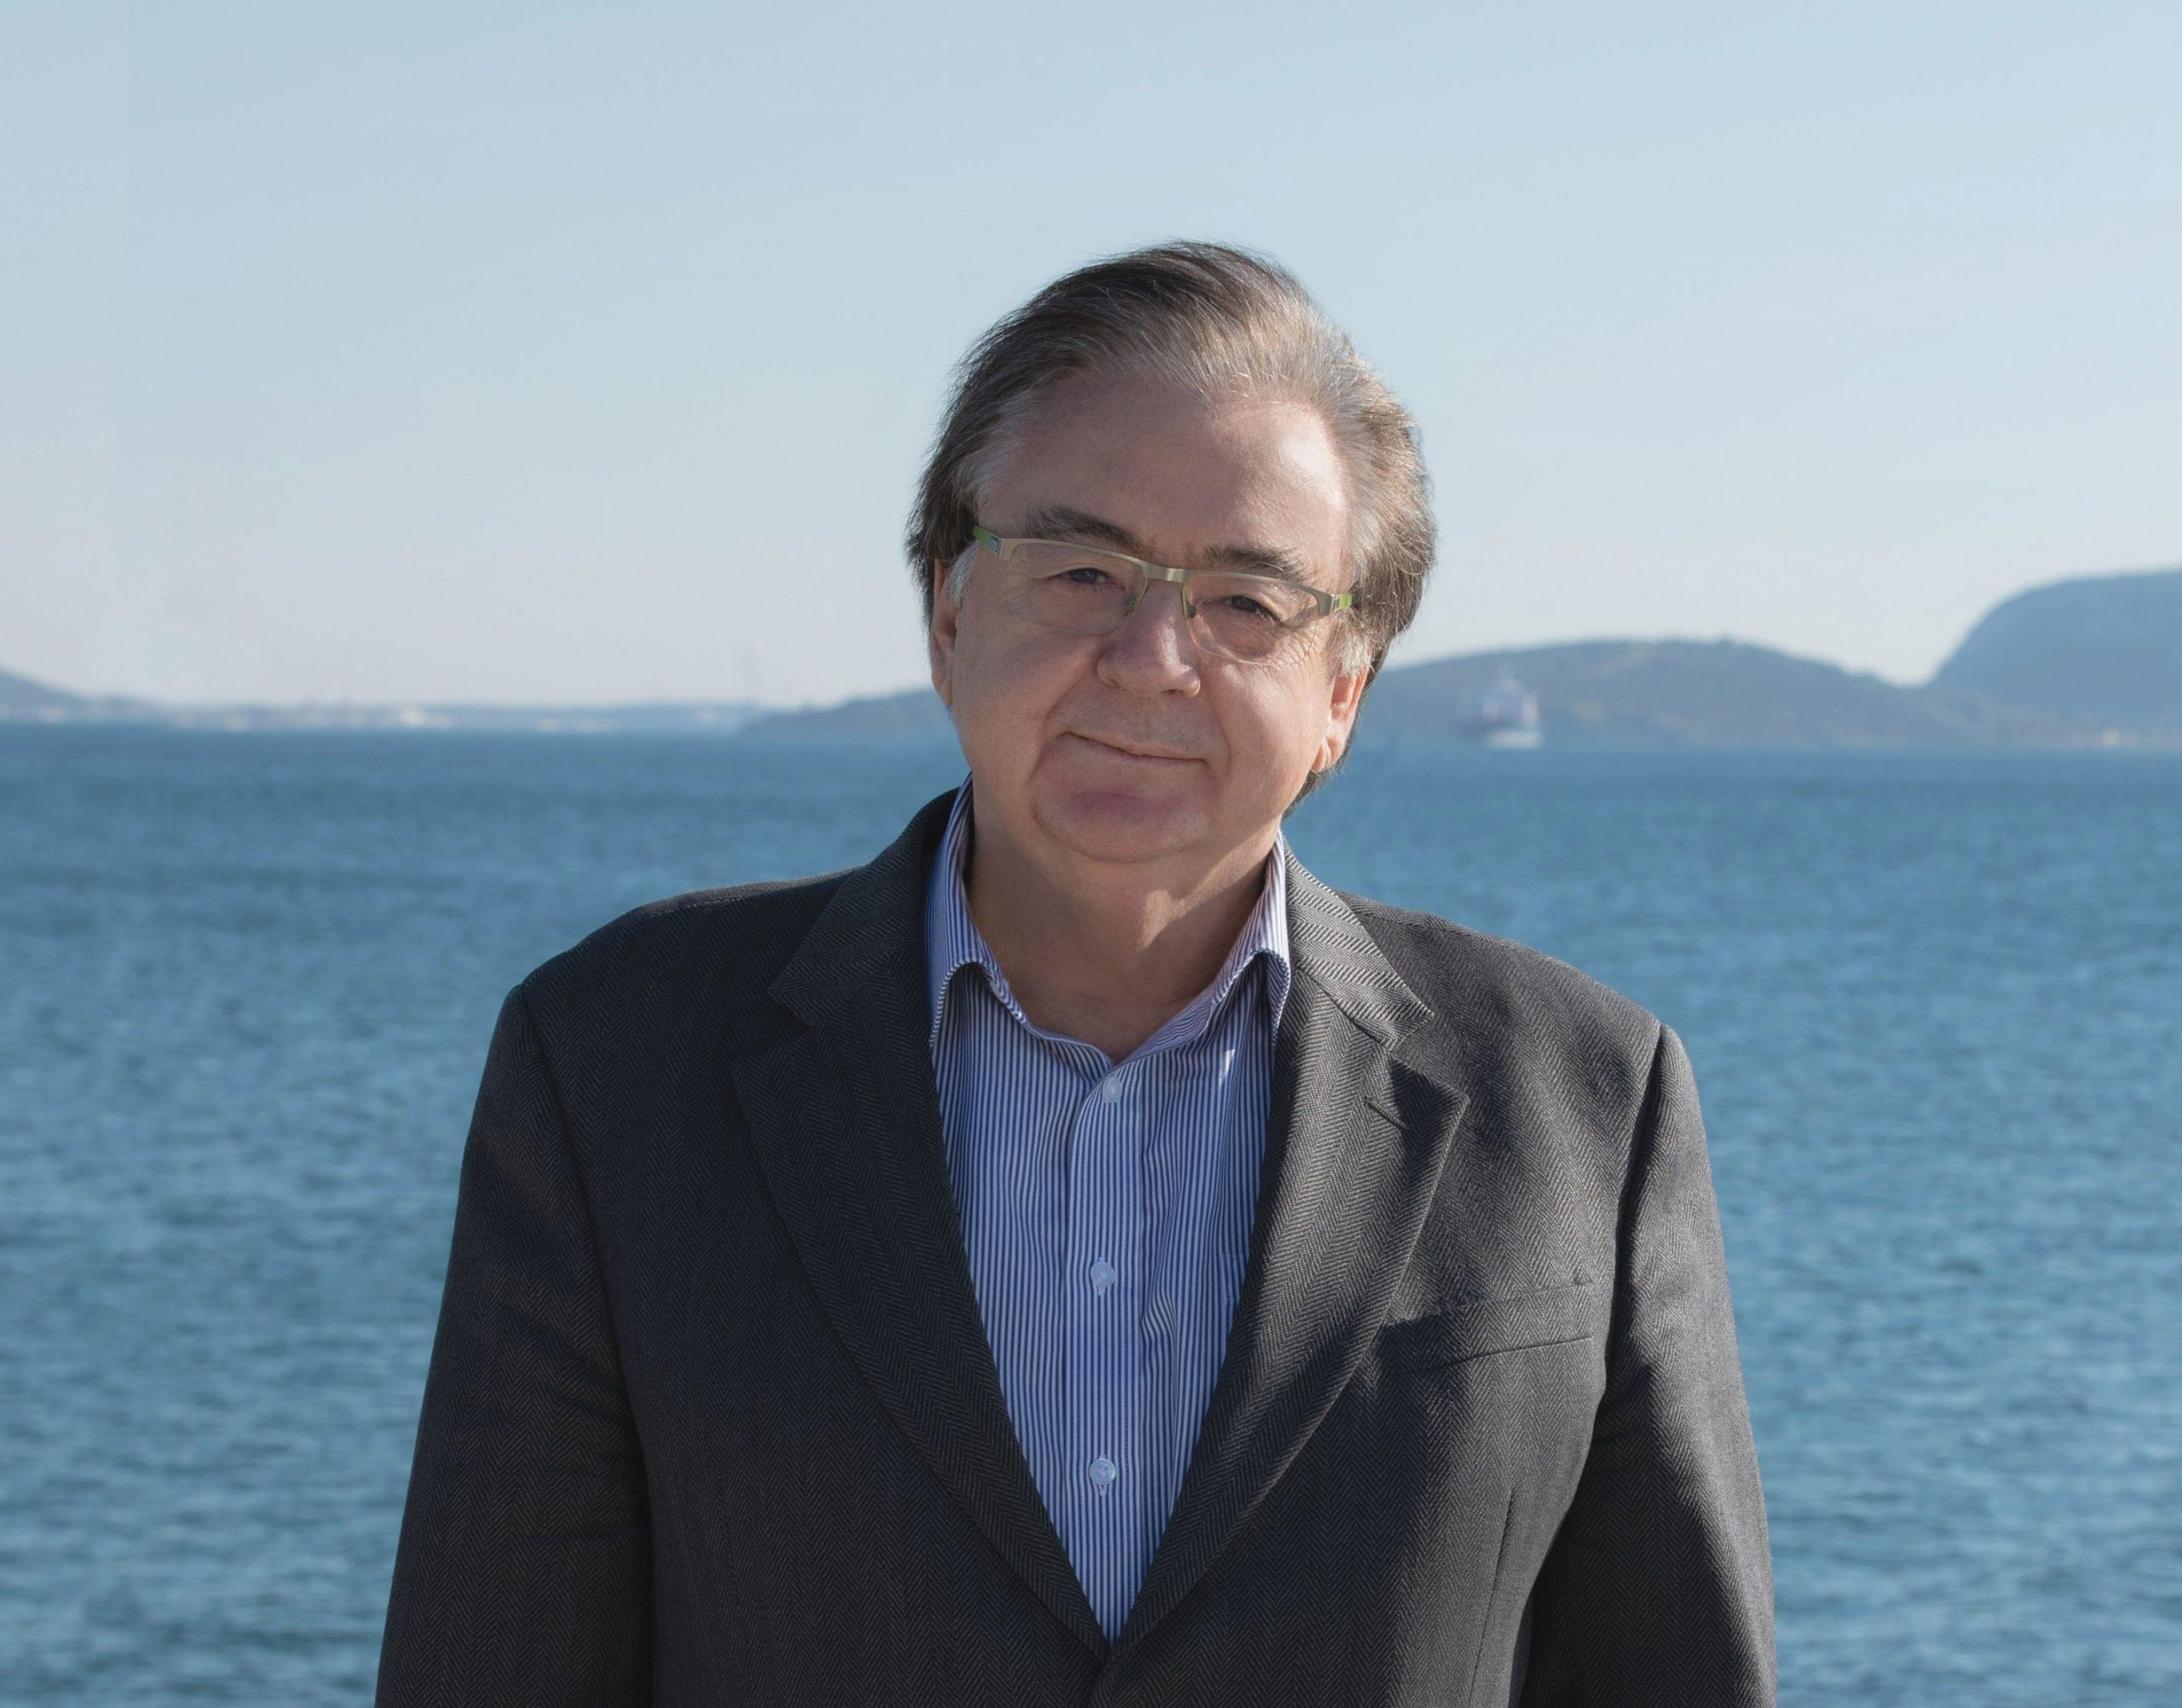 Απόστολος Καμαρινάκης: Ο Λιμένας Ελευσίνας, σημείο αναφοράς για εμπορευματικές ροές και Θριάσιο